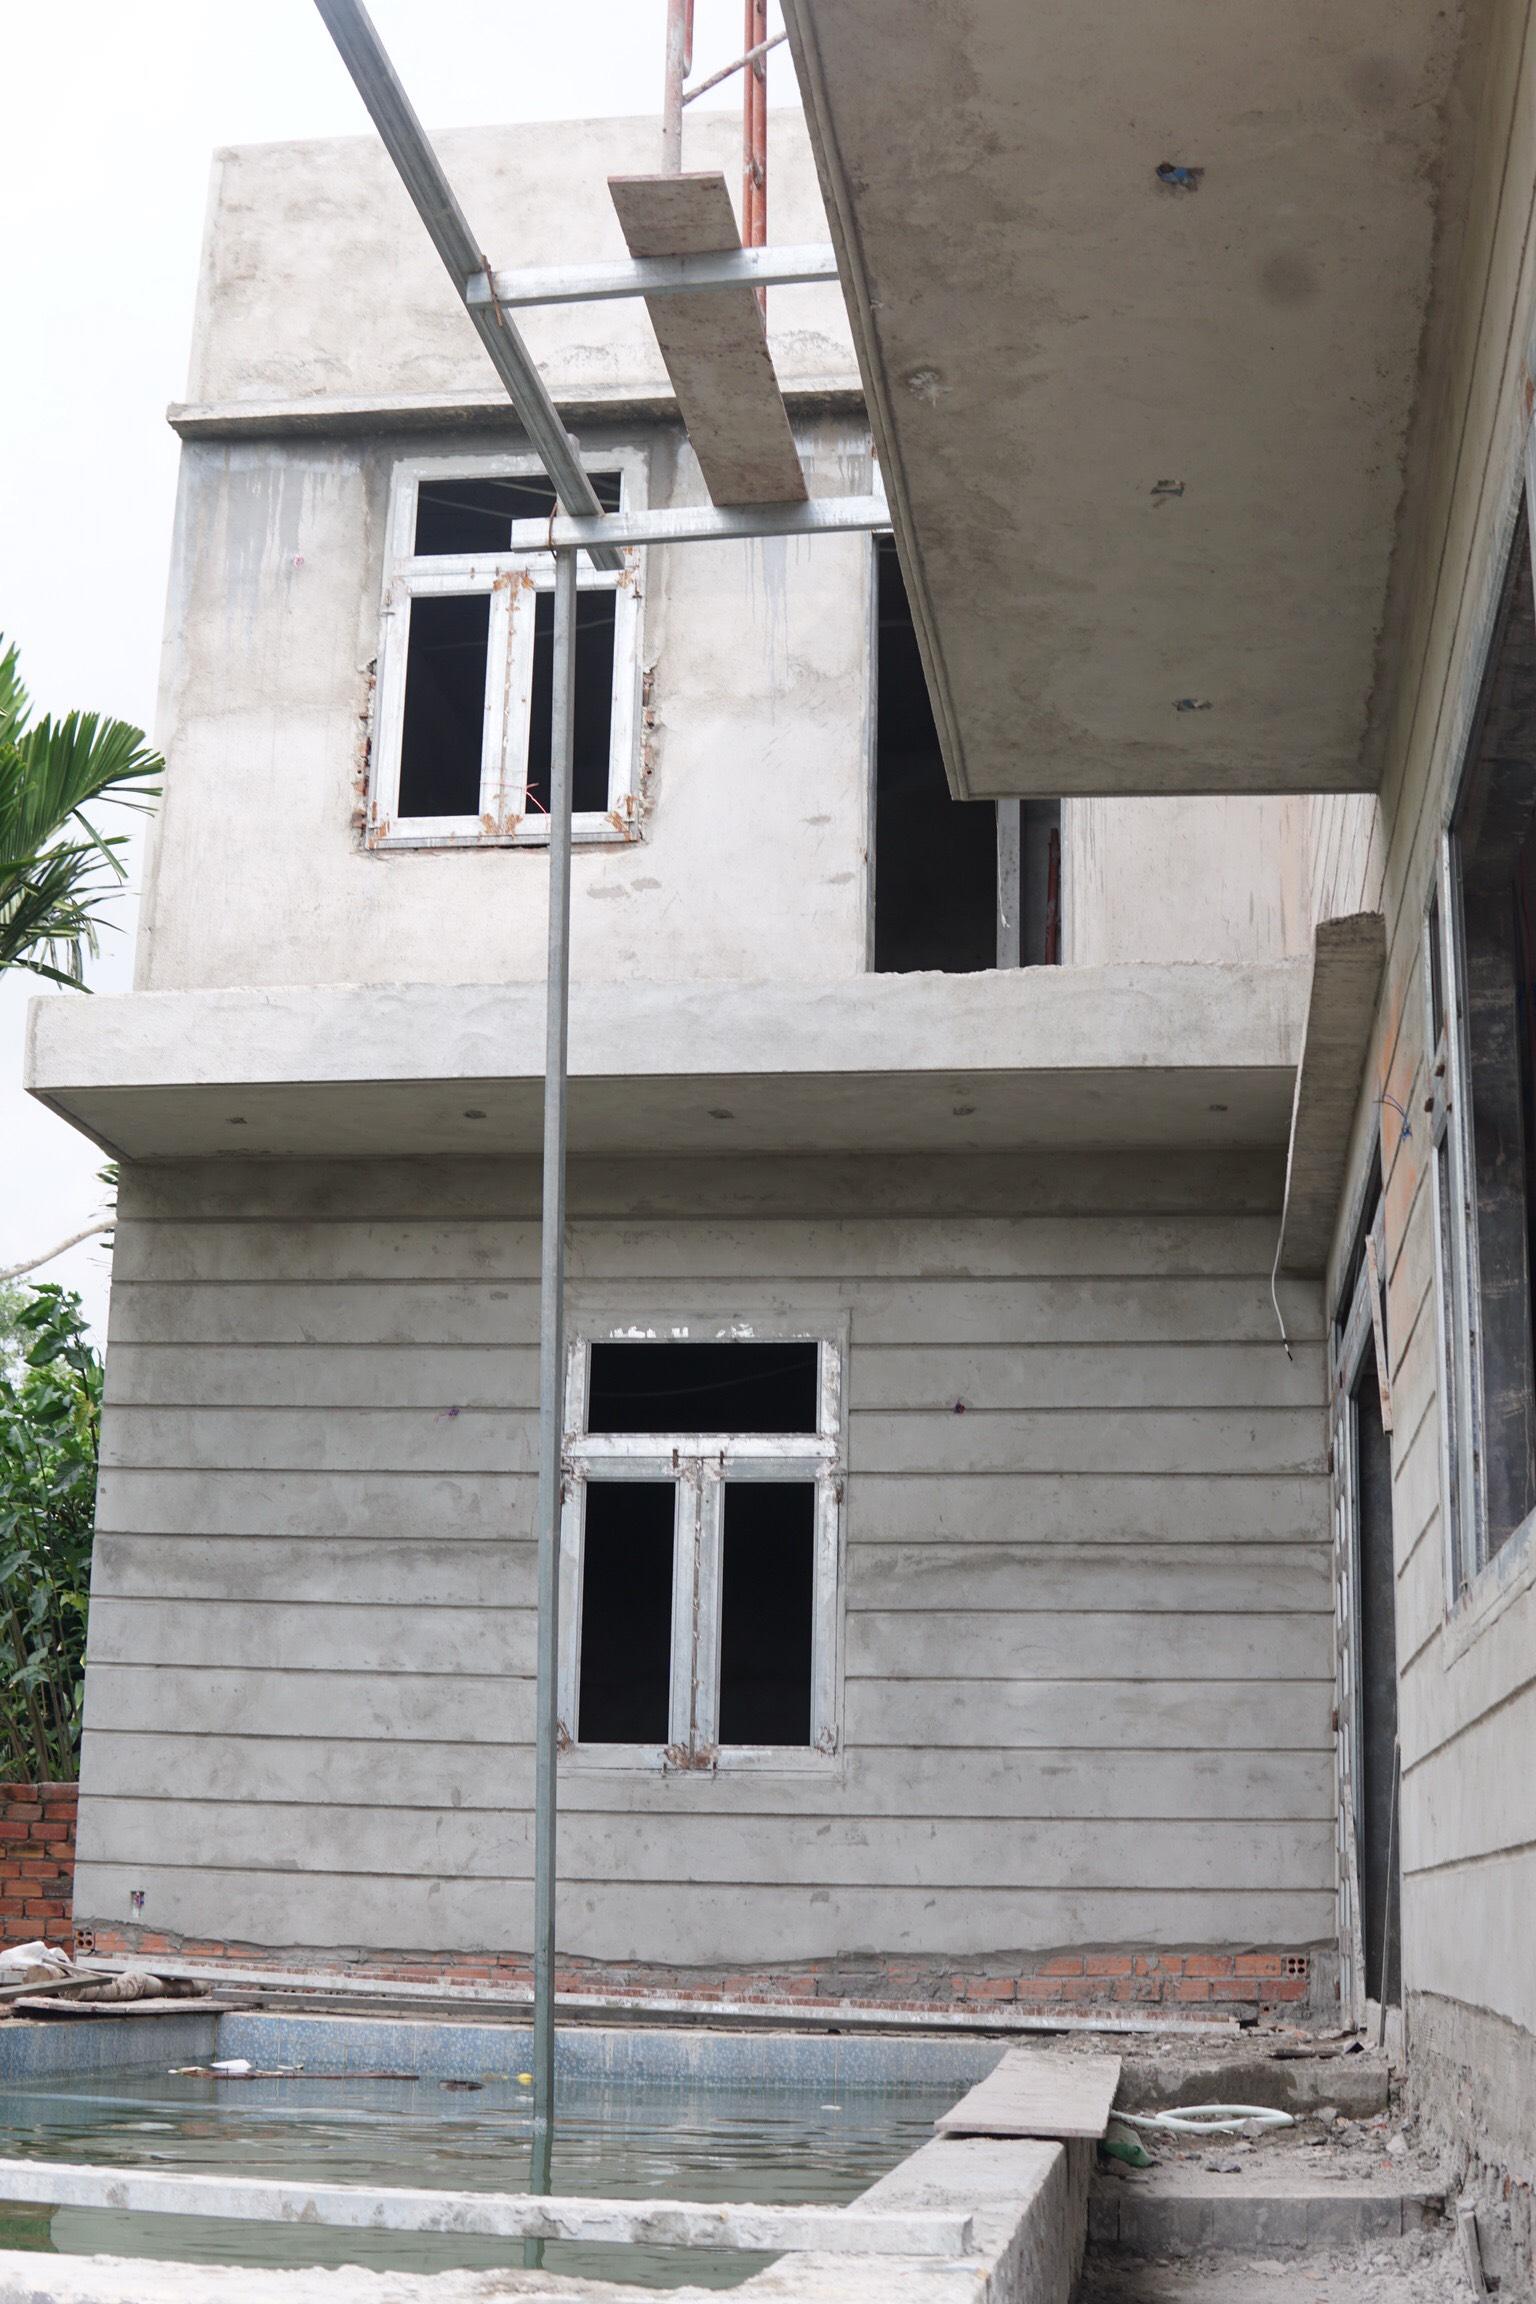 mau nha 2 tang thi cong 3 [KHÔNG PHÁT SINH] xây nhà biệt thự 2 tầng ở Đồng Nai từ thiết kế đến hoàn công